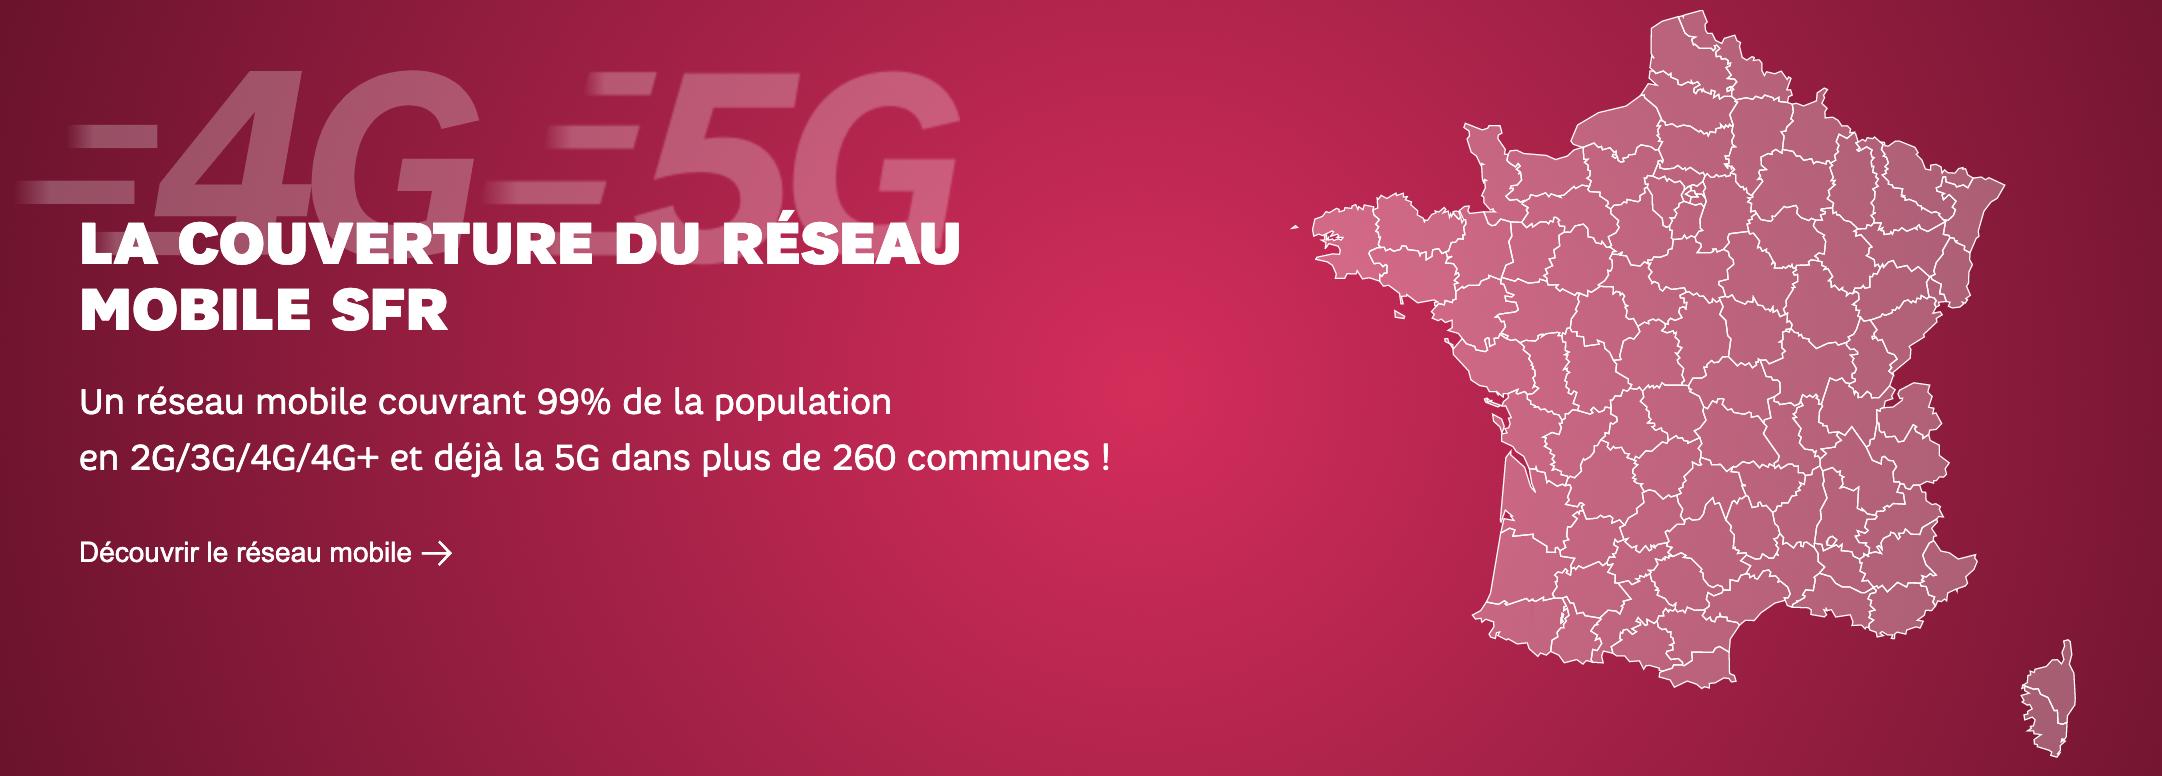 Le réseau 4G et 5G de sfr